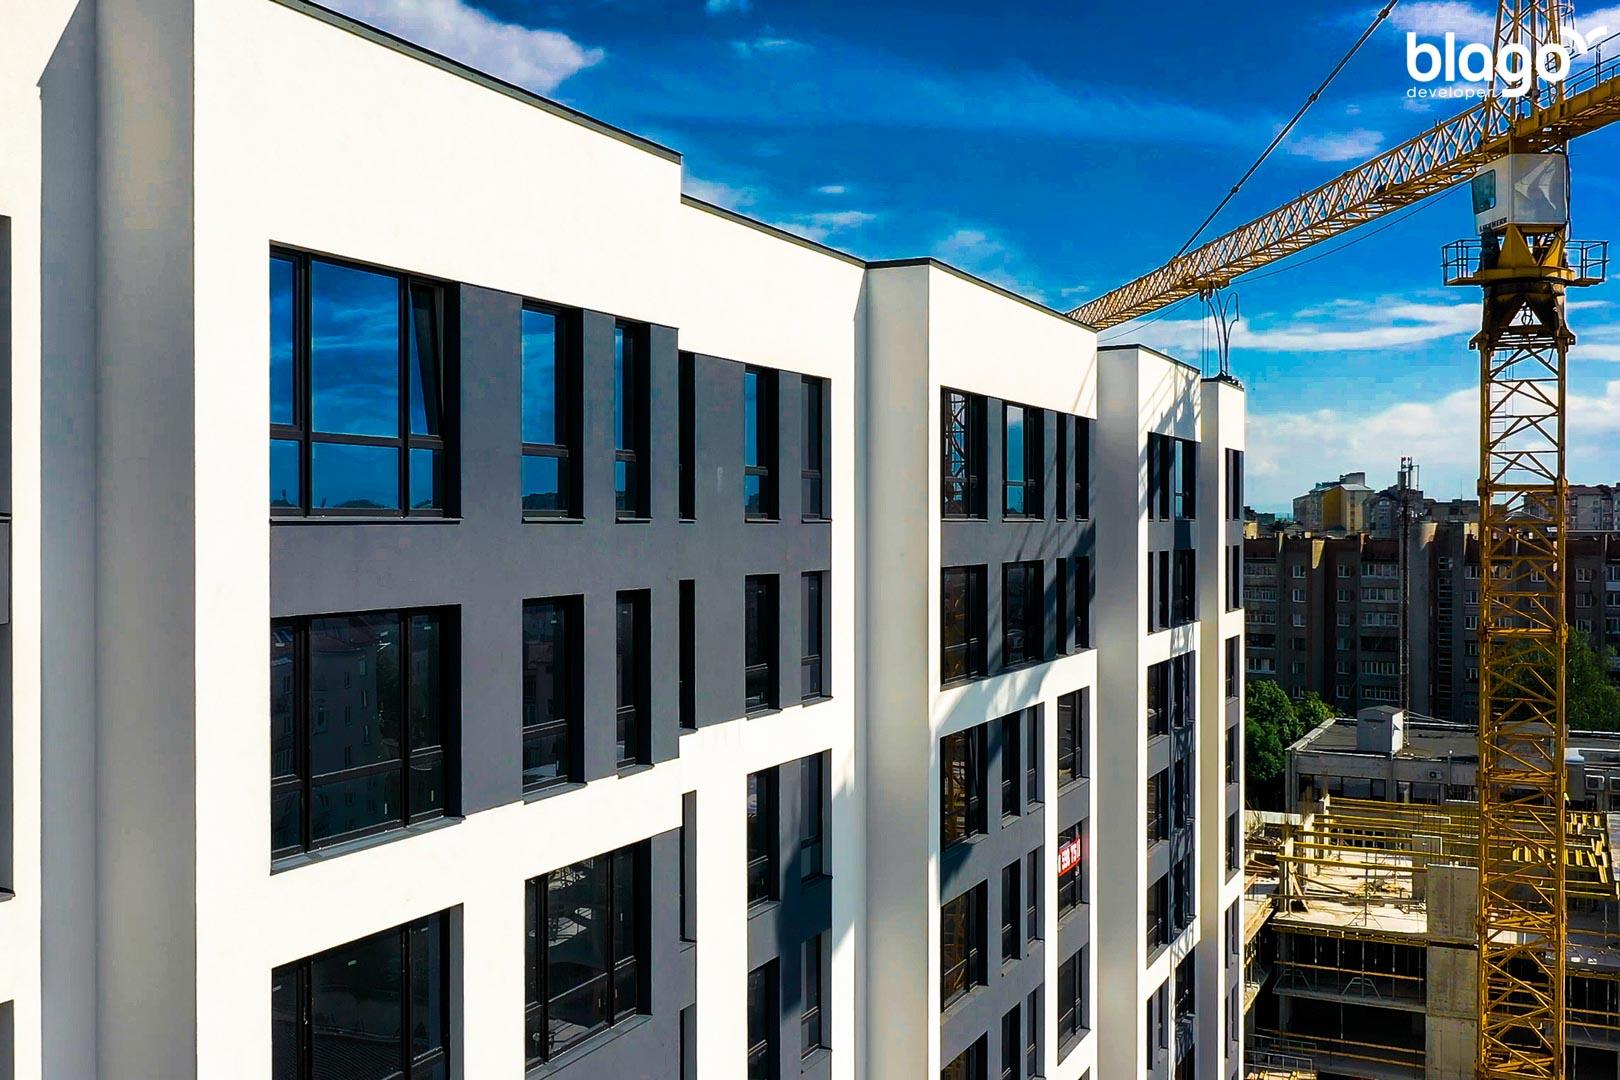 Клас енергоефективності новобудов: як оцінити та обрати для себе якісну квартиру?